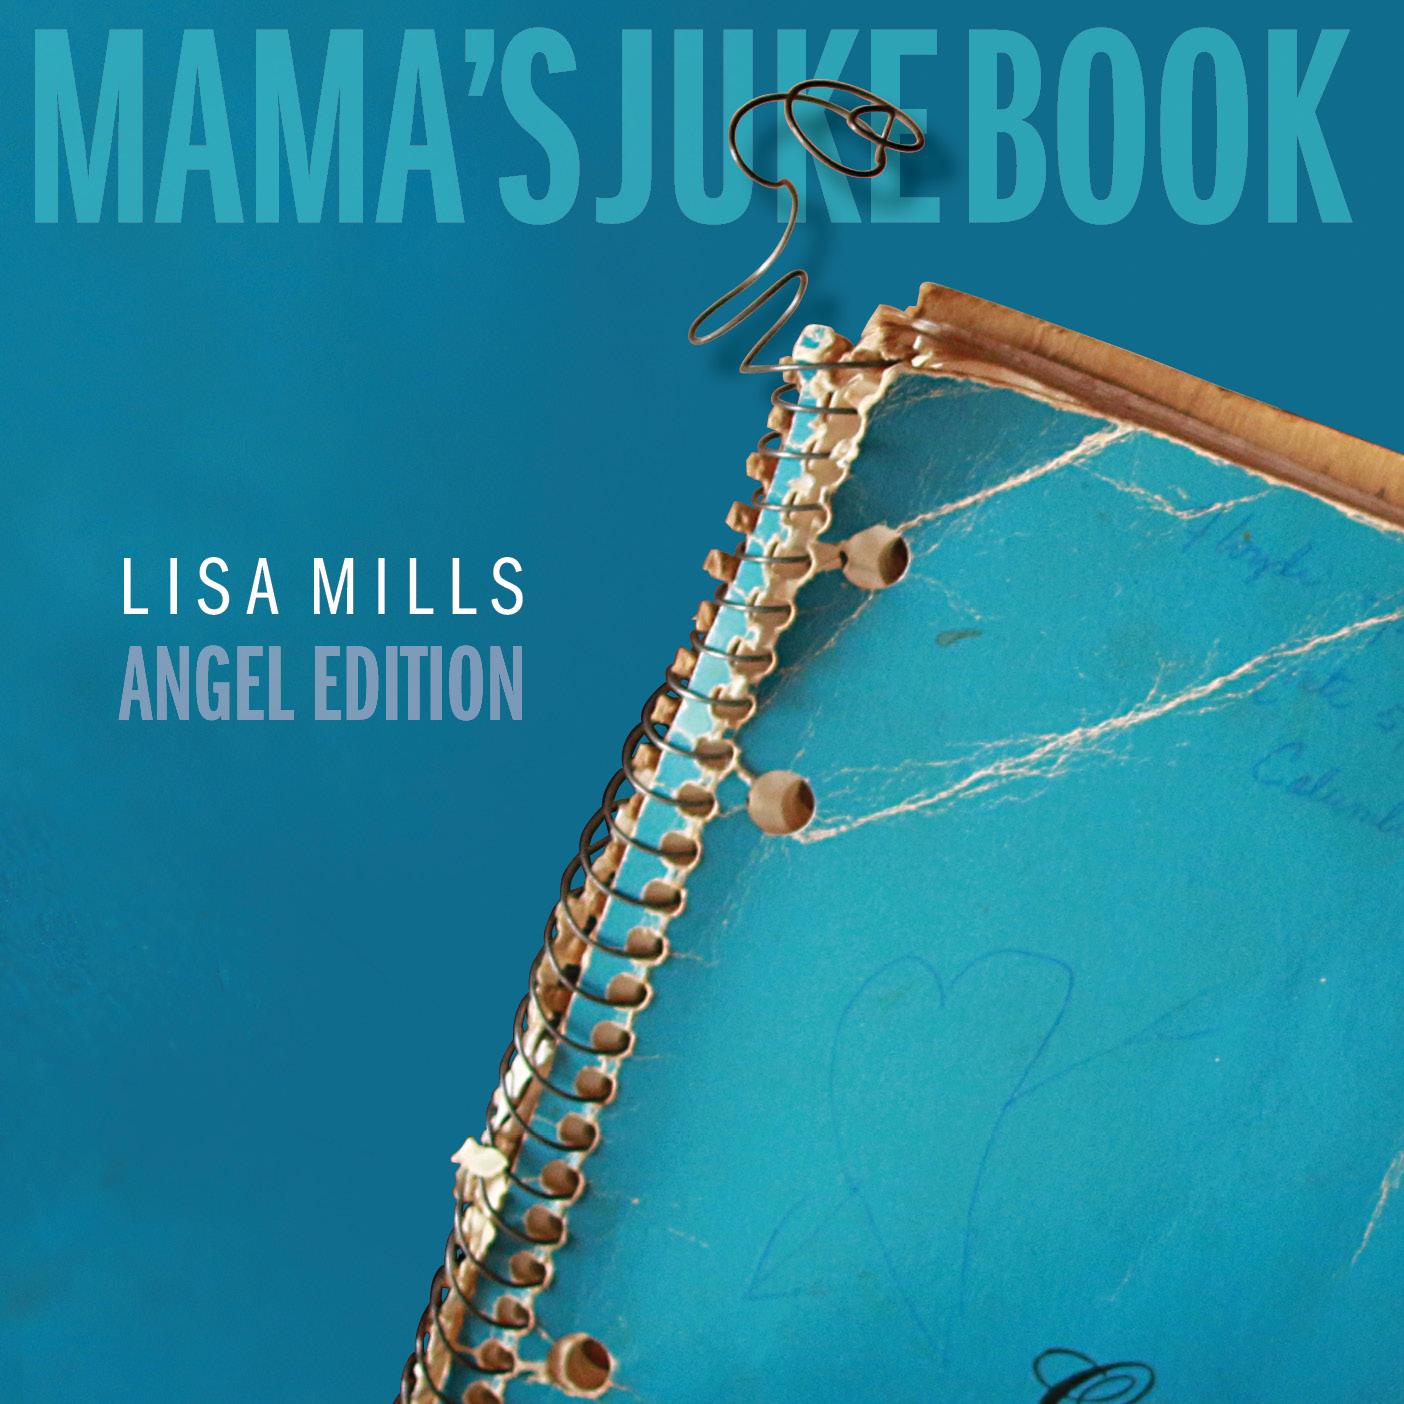 Lisa Mills - Mama's Jukebook